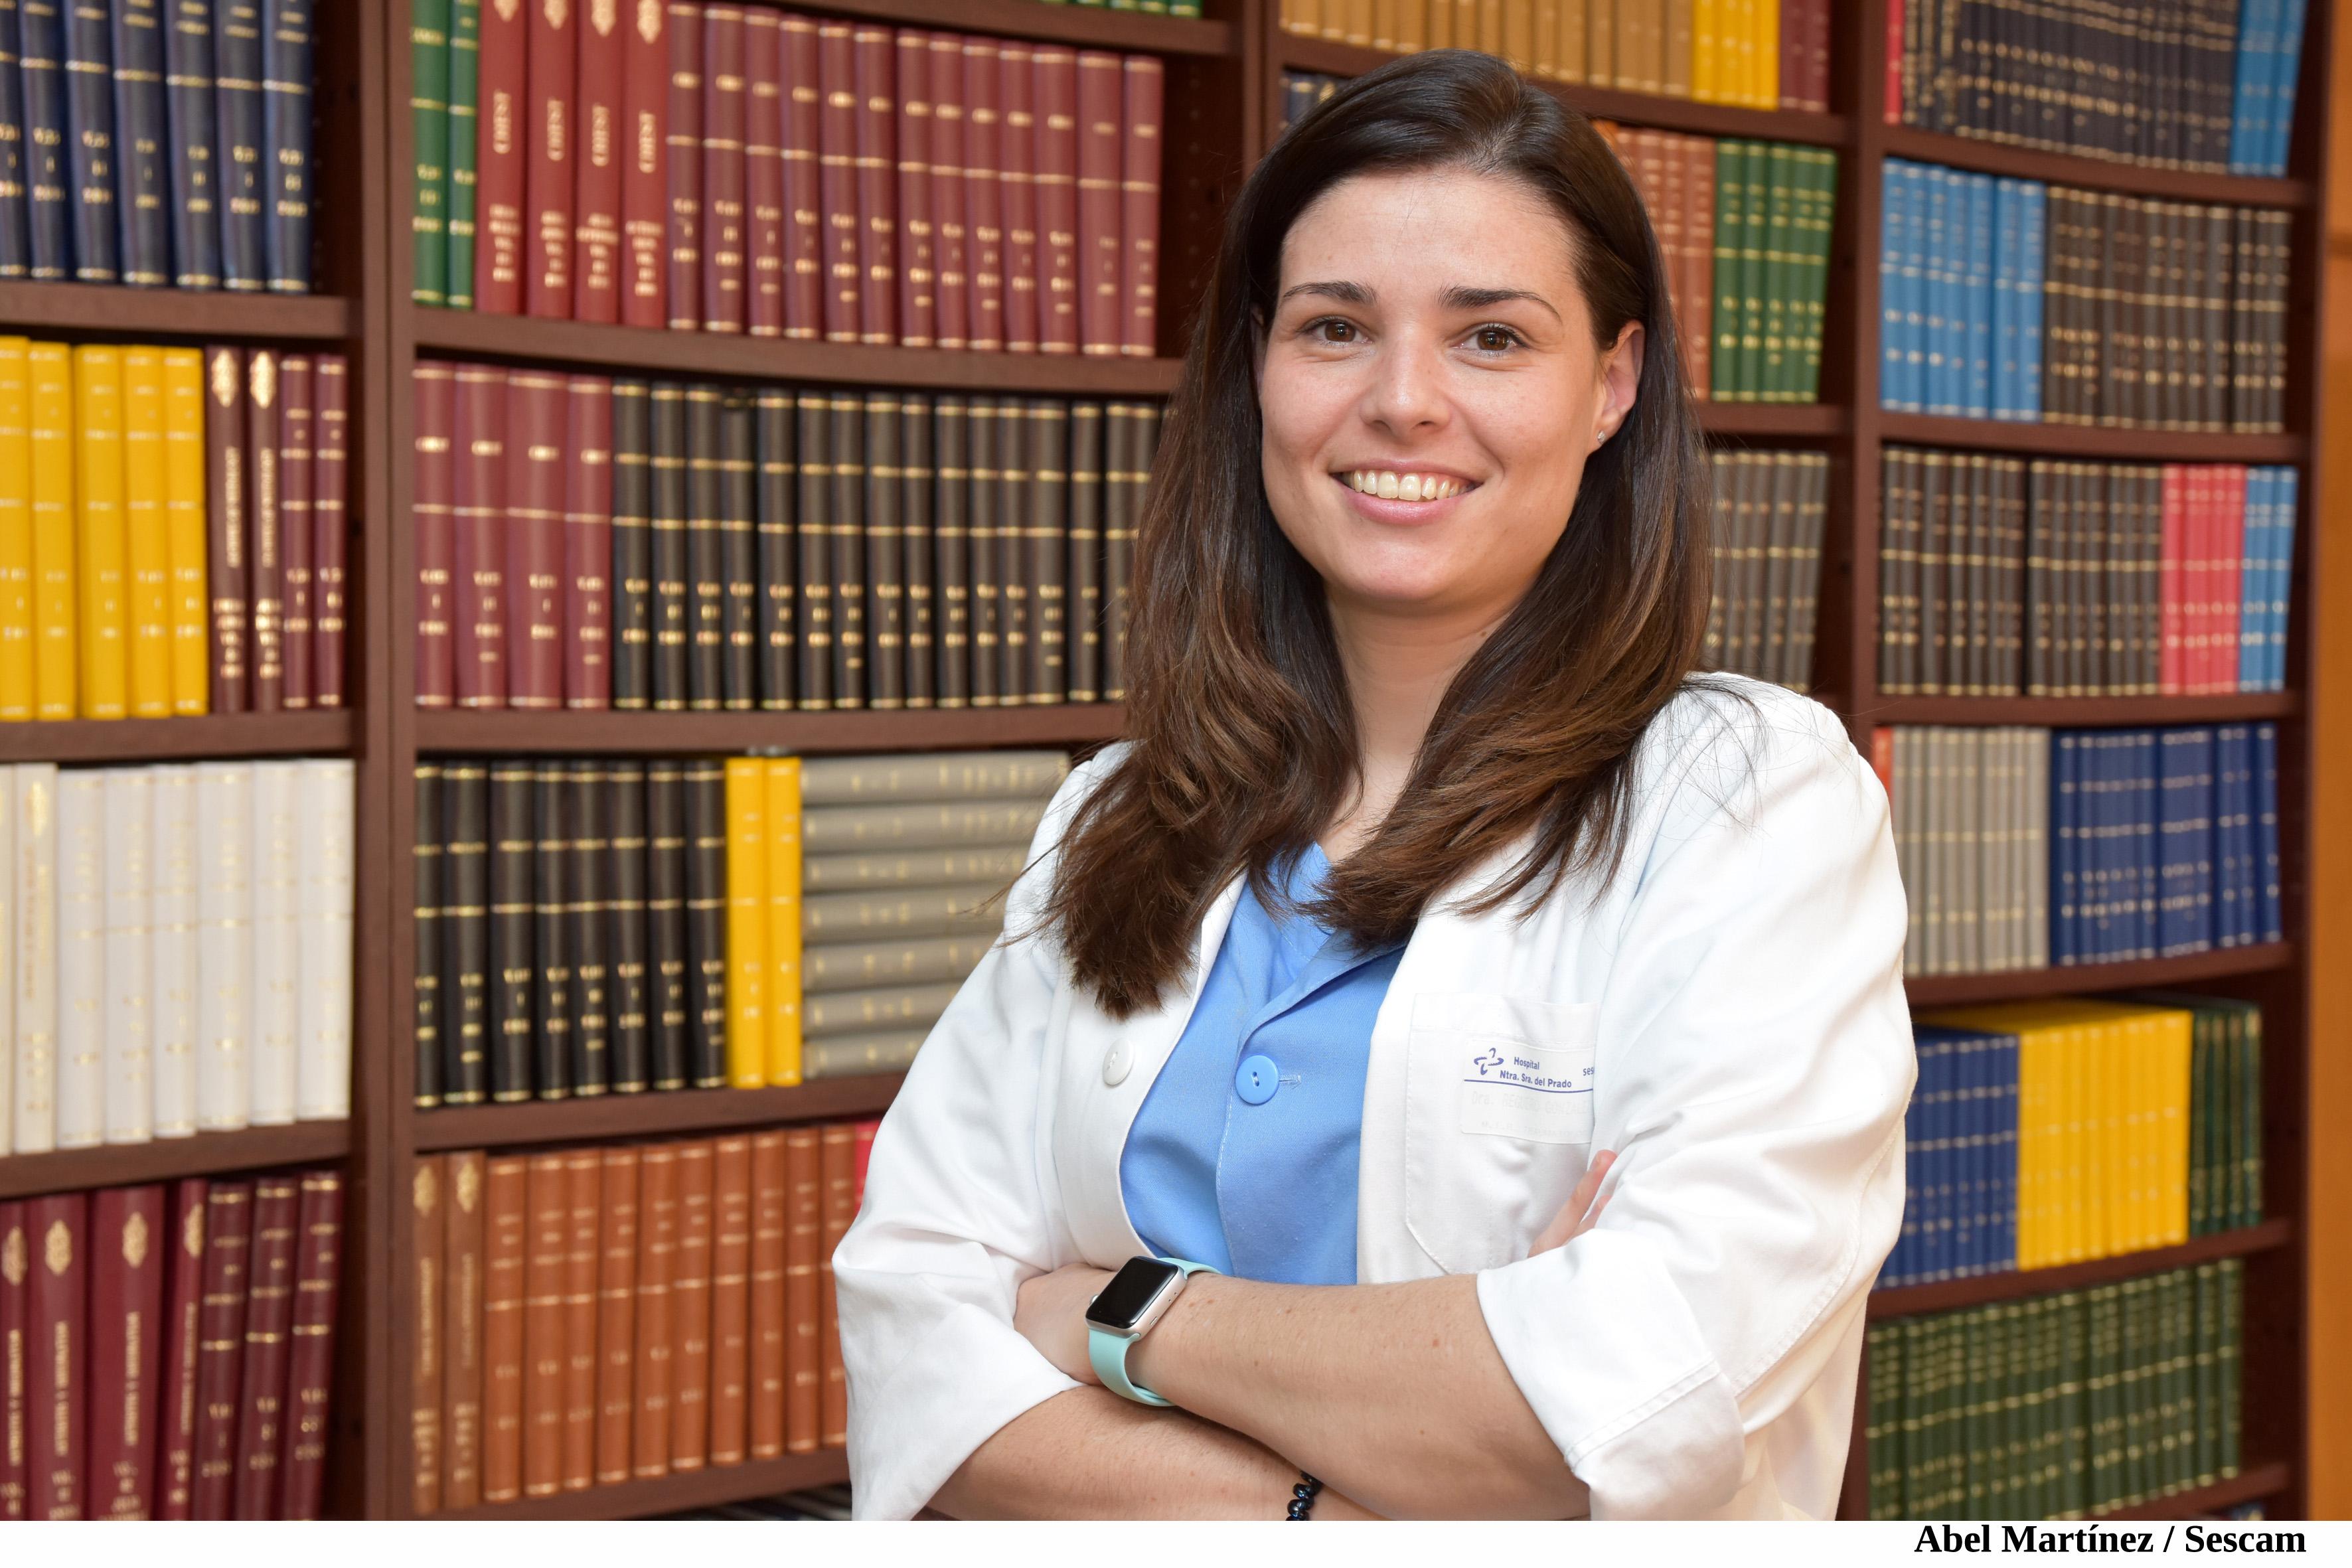 Profesionales del Hospital de Talavera describen dos casos exitosos de cirugía híbrida cervical con un nivel sano interpuesto